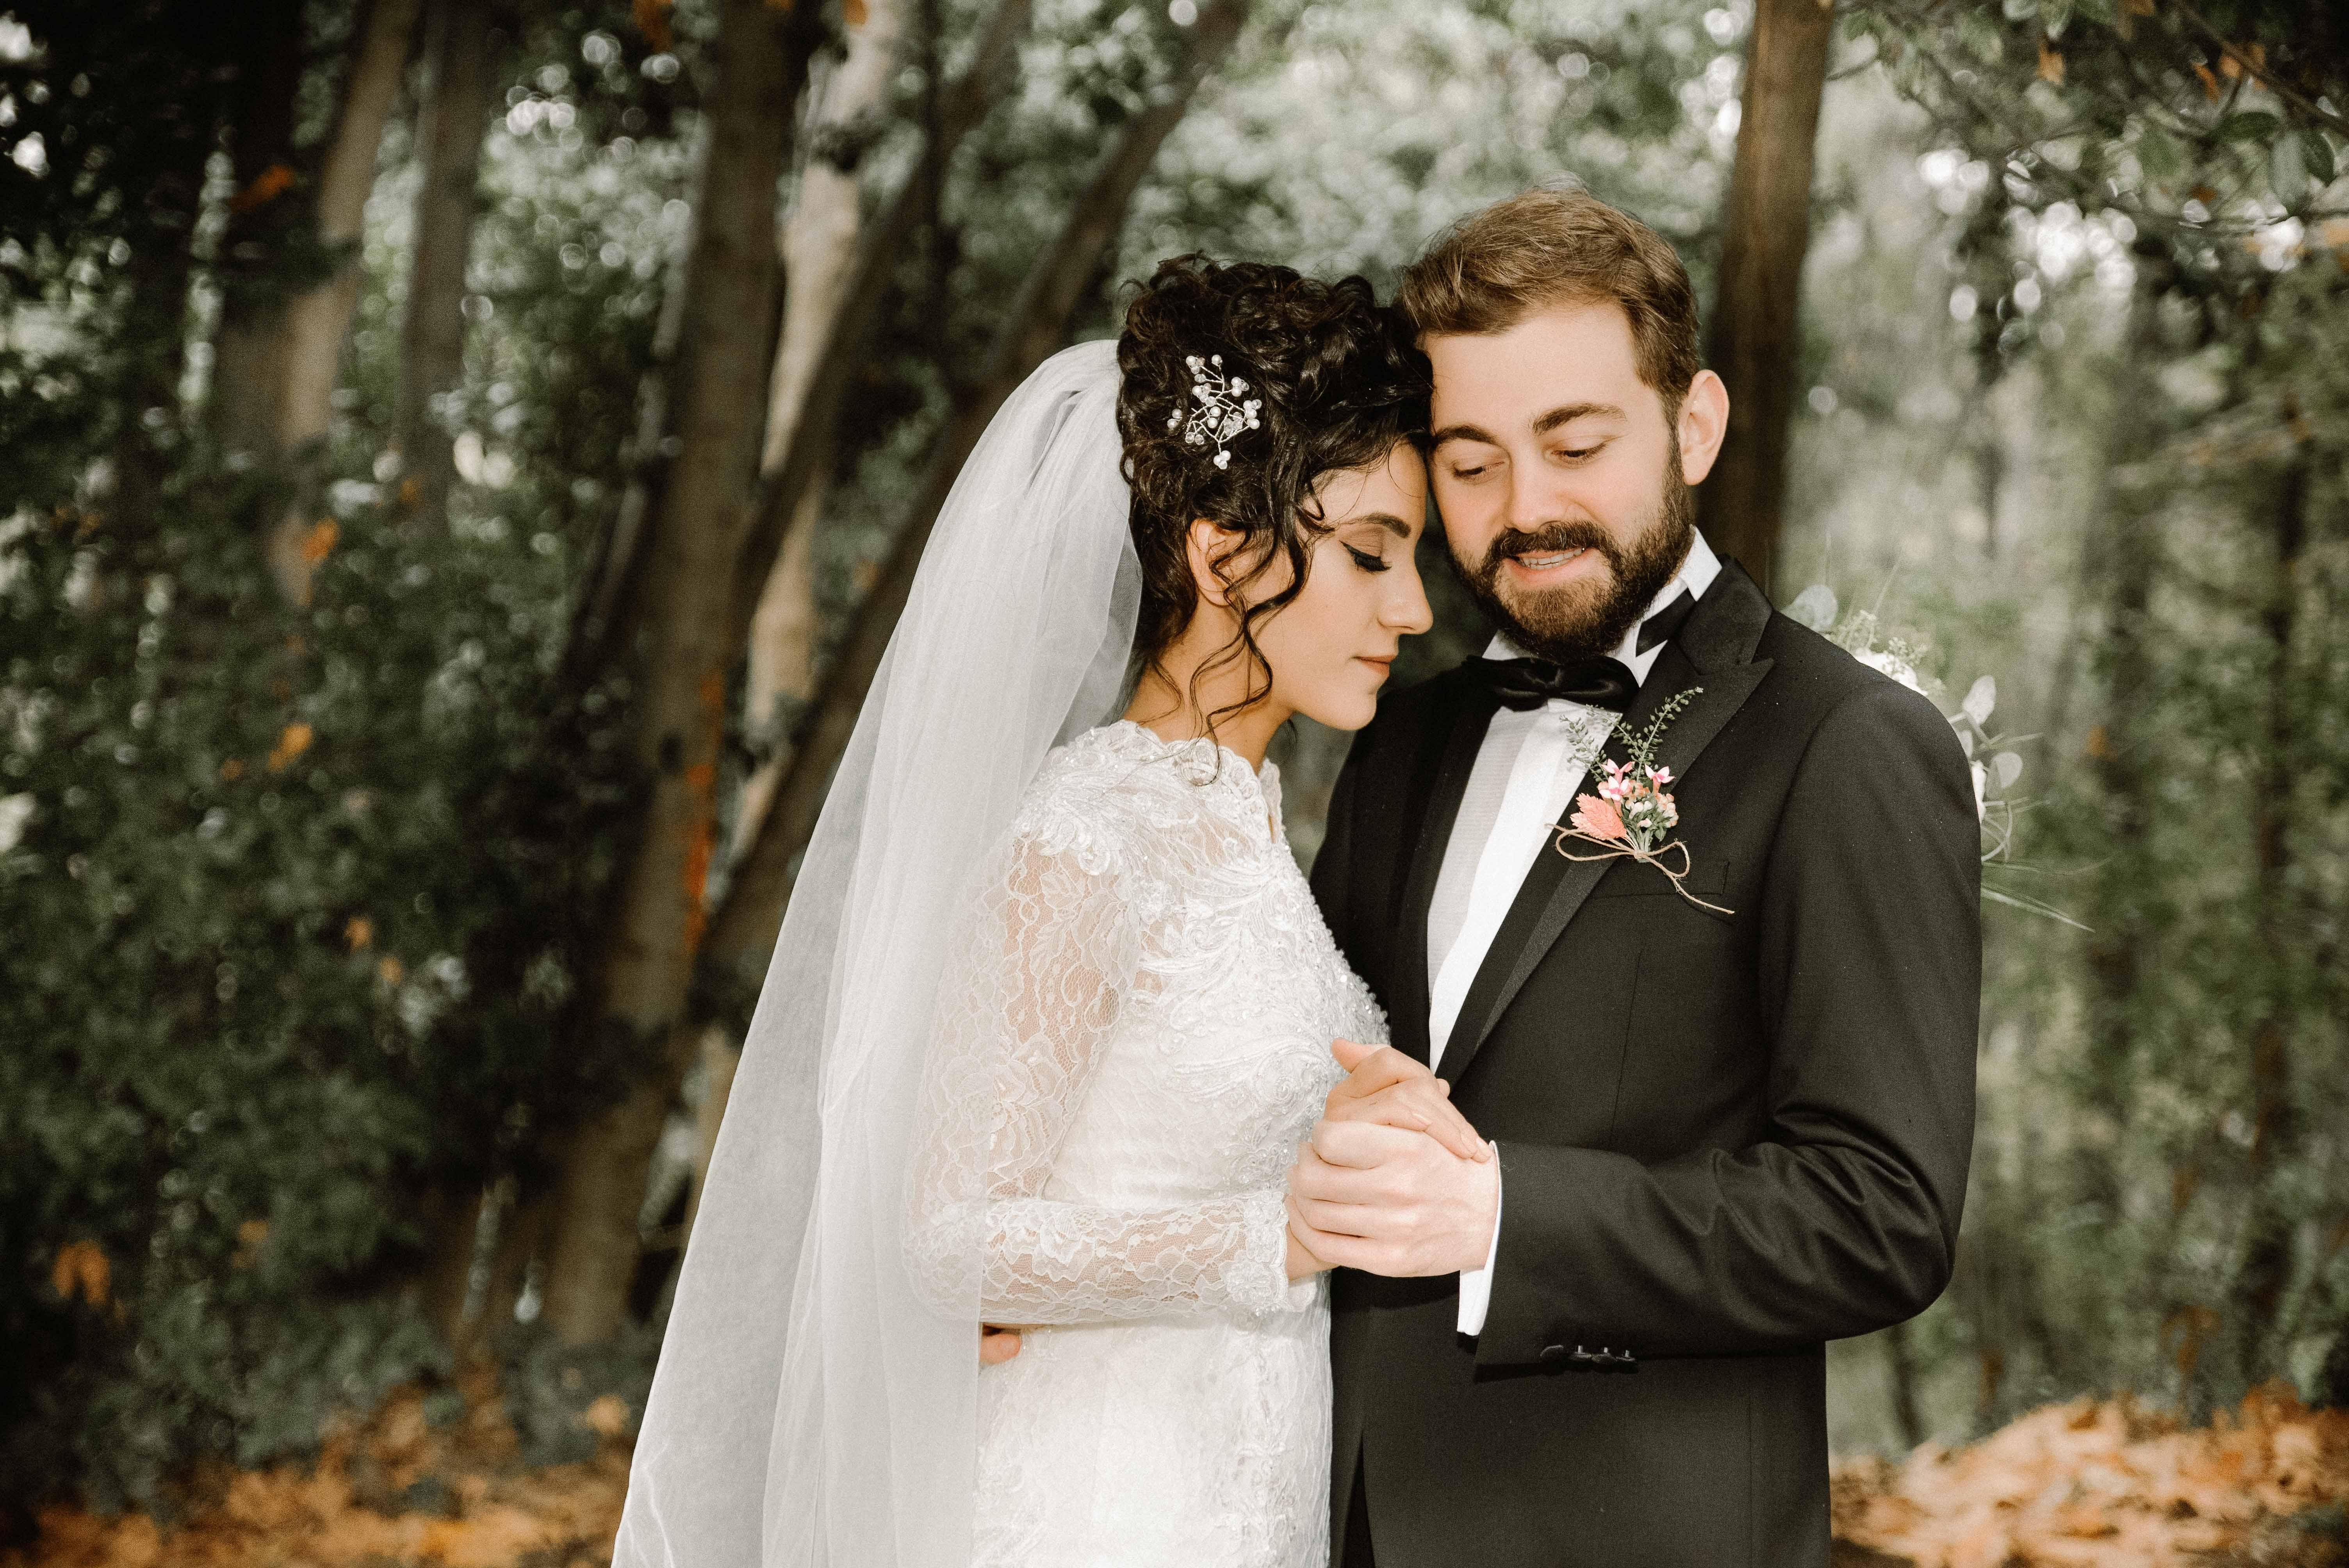 düğün fotograf çekimi fiyat bilgisi için bizimle iletişime gecebilirsiniz